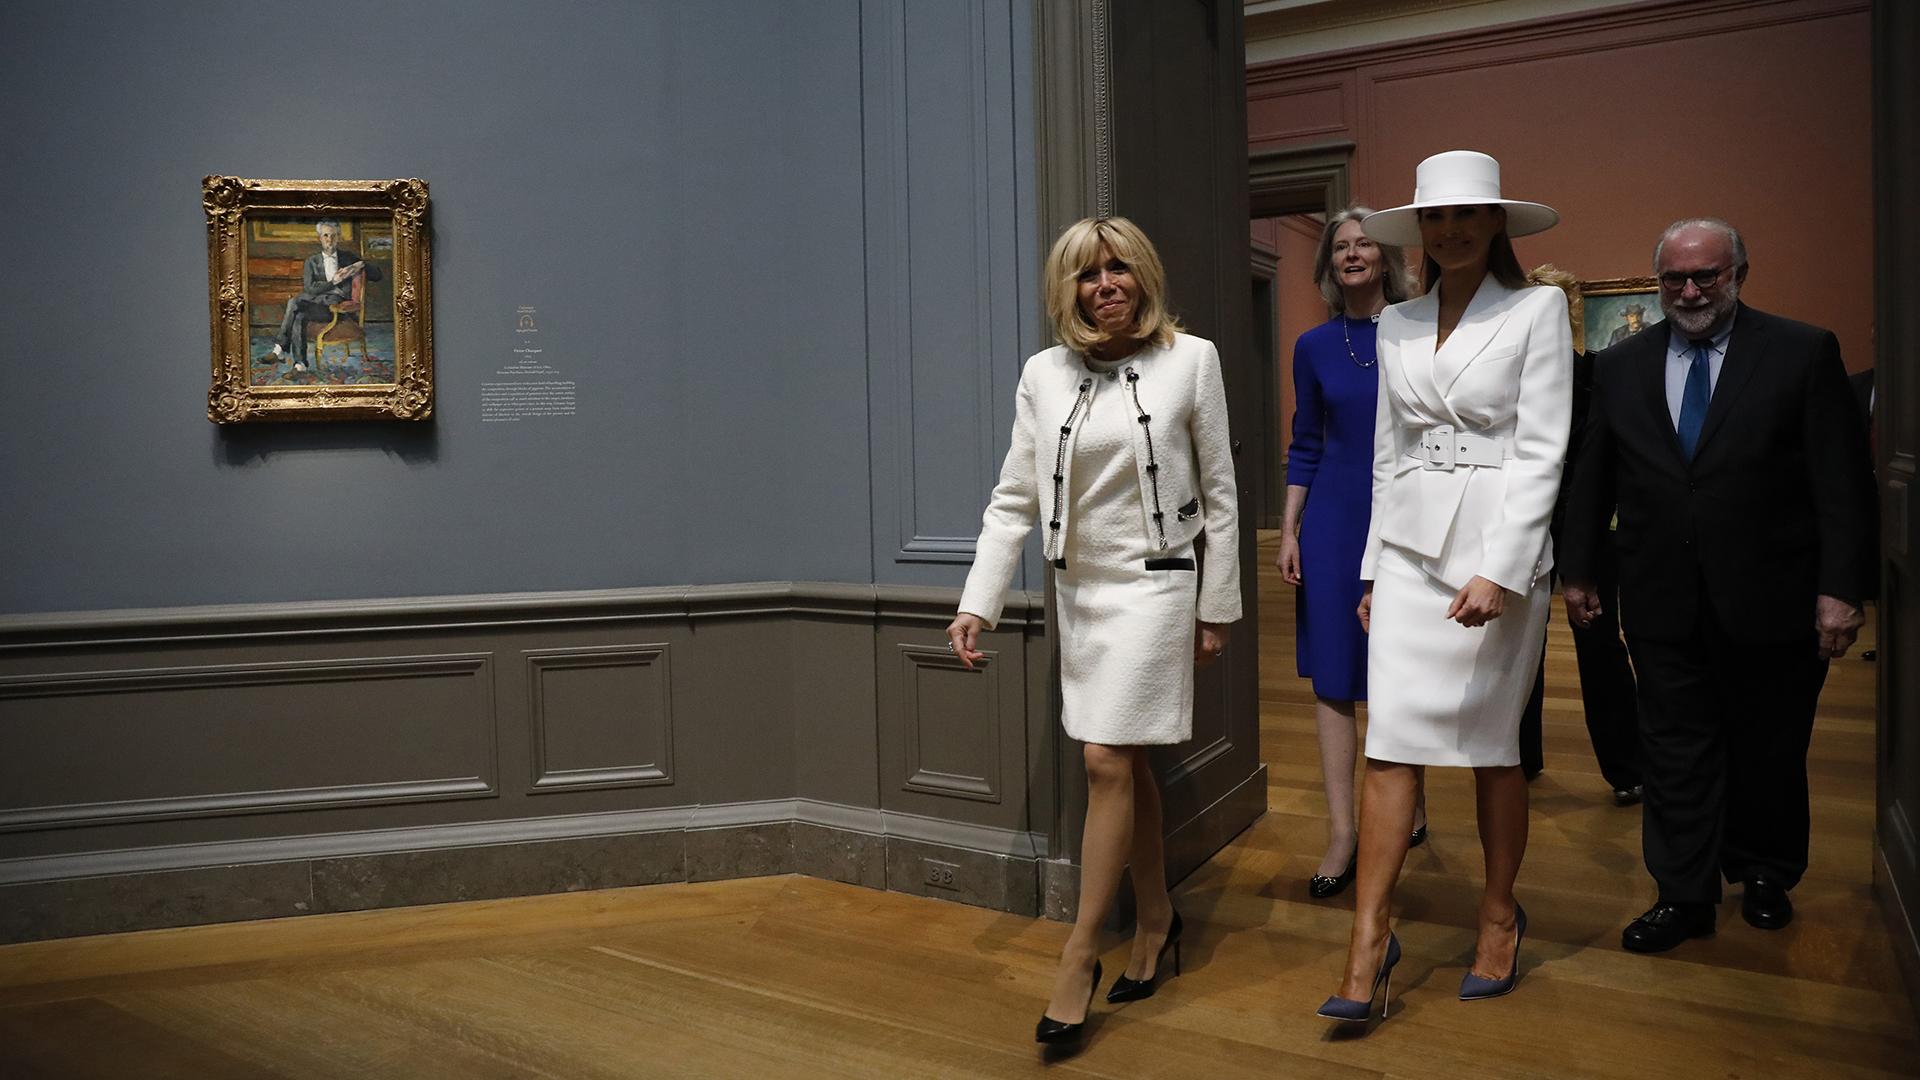 La primera dama francesa-Brigitte Macron y Melania Trump- en la Casa Blanca, ambas con un look de pies a cabeza en total white.